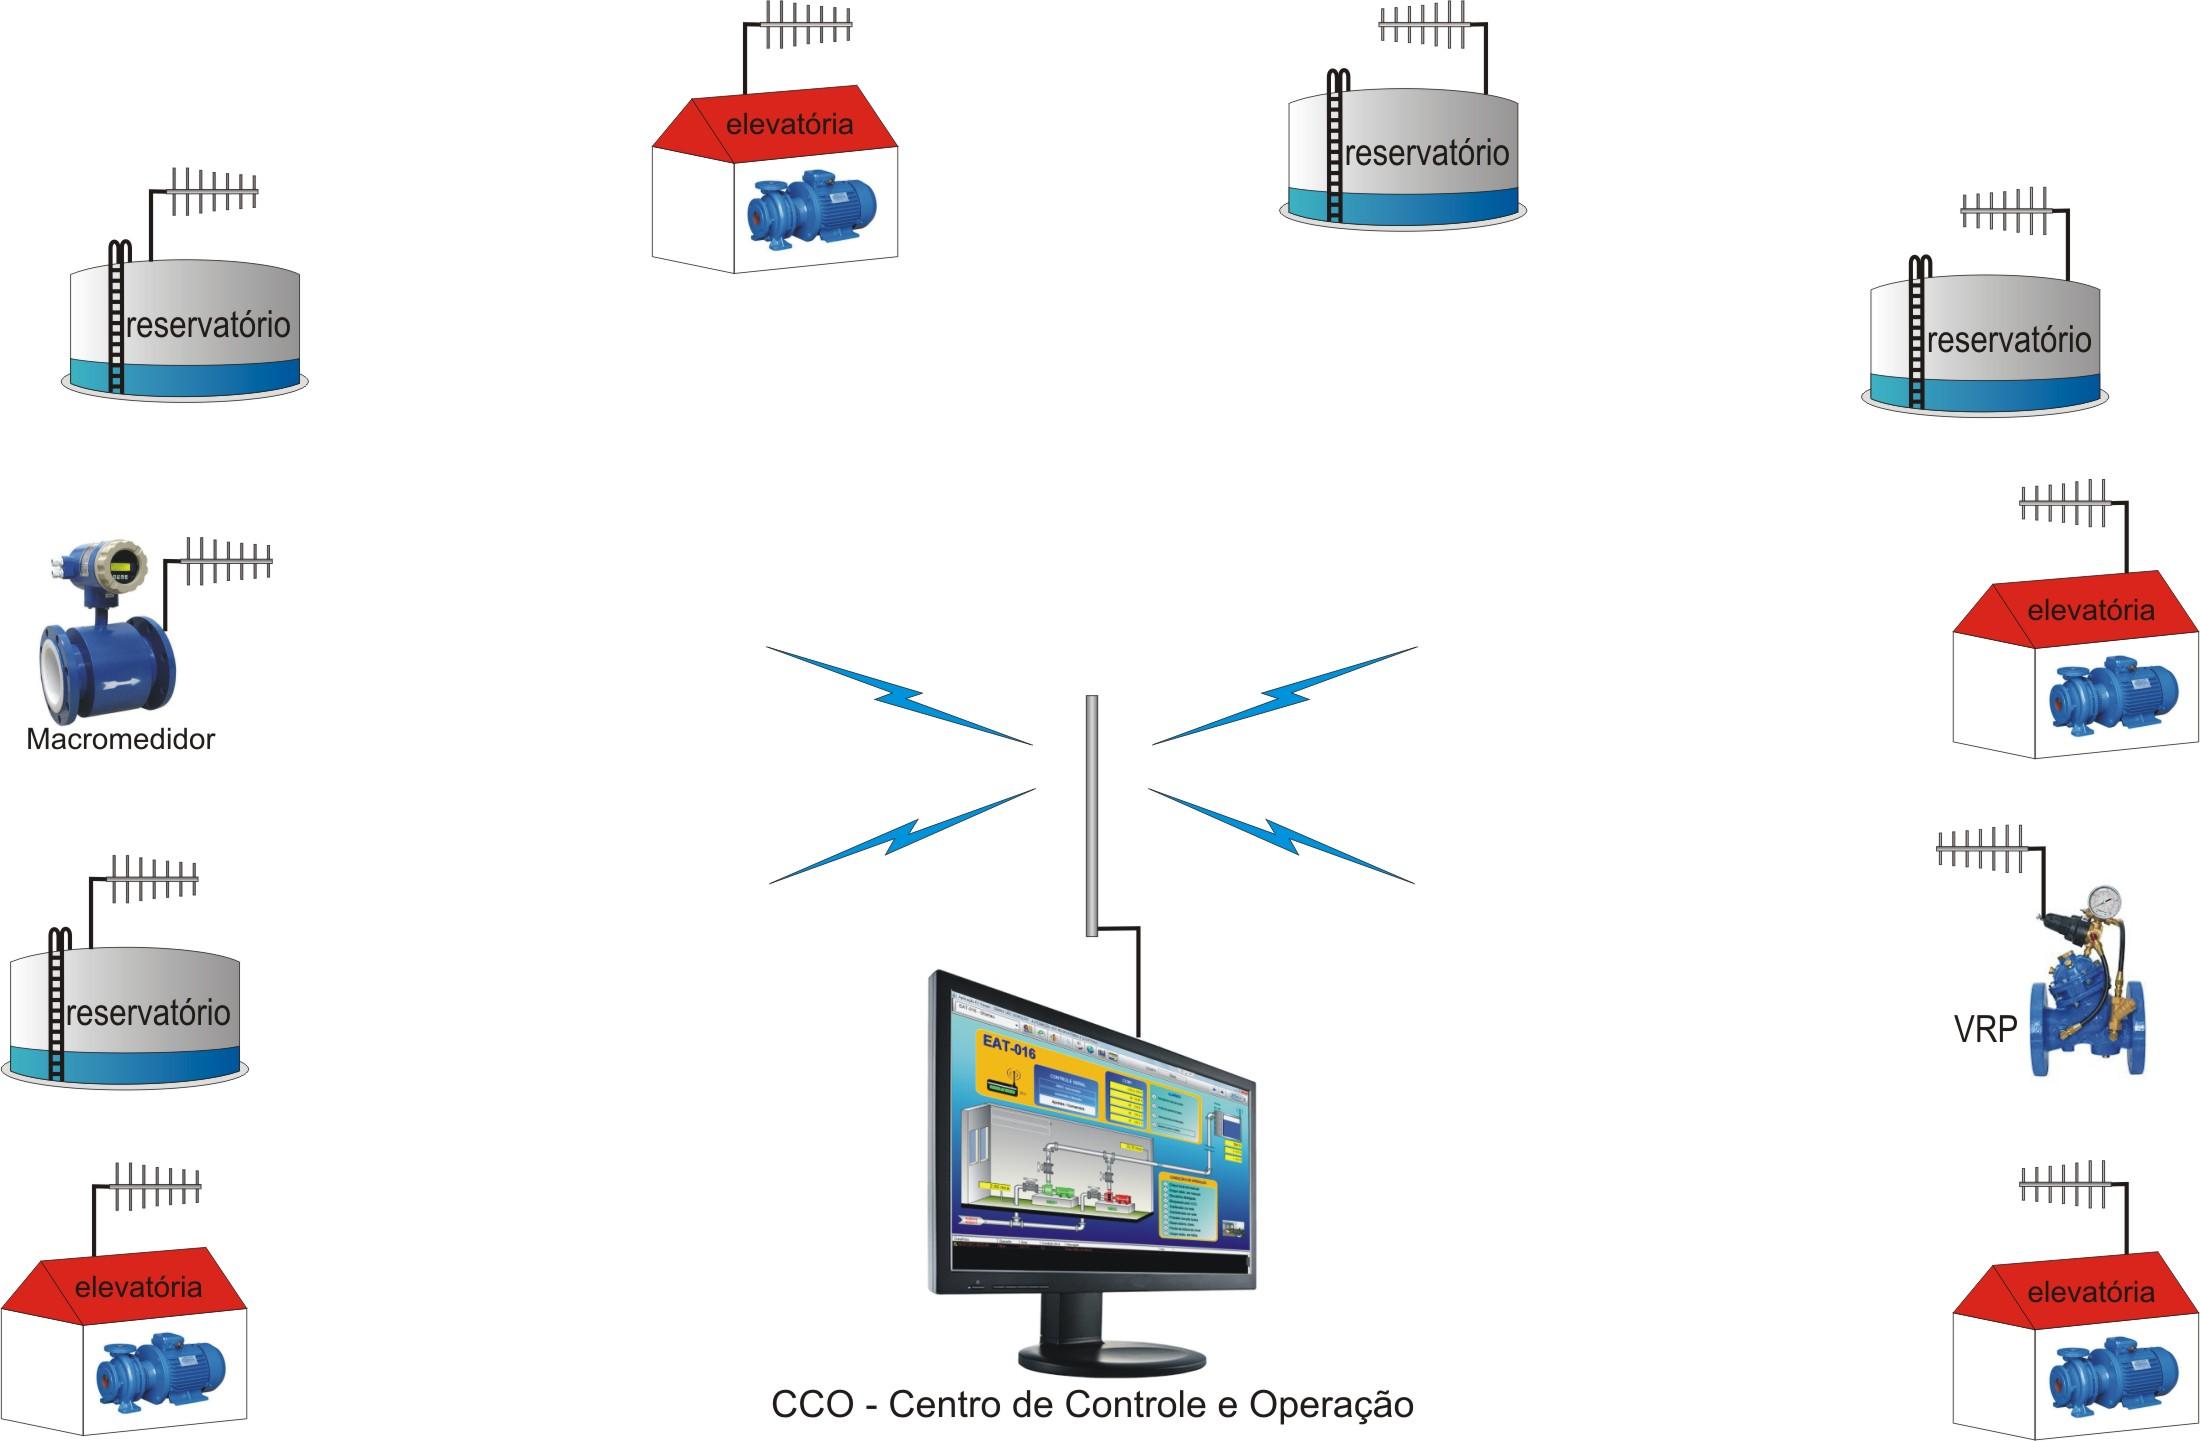 CCO – Centro de Controle e Operação da telemetria de água e esgoto